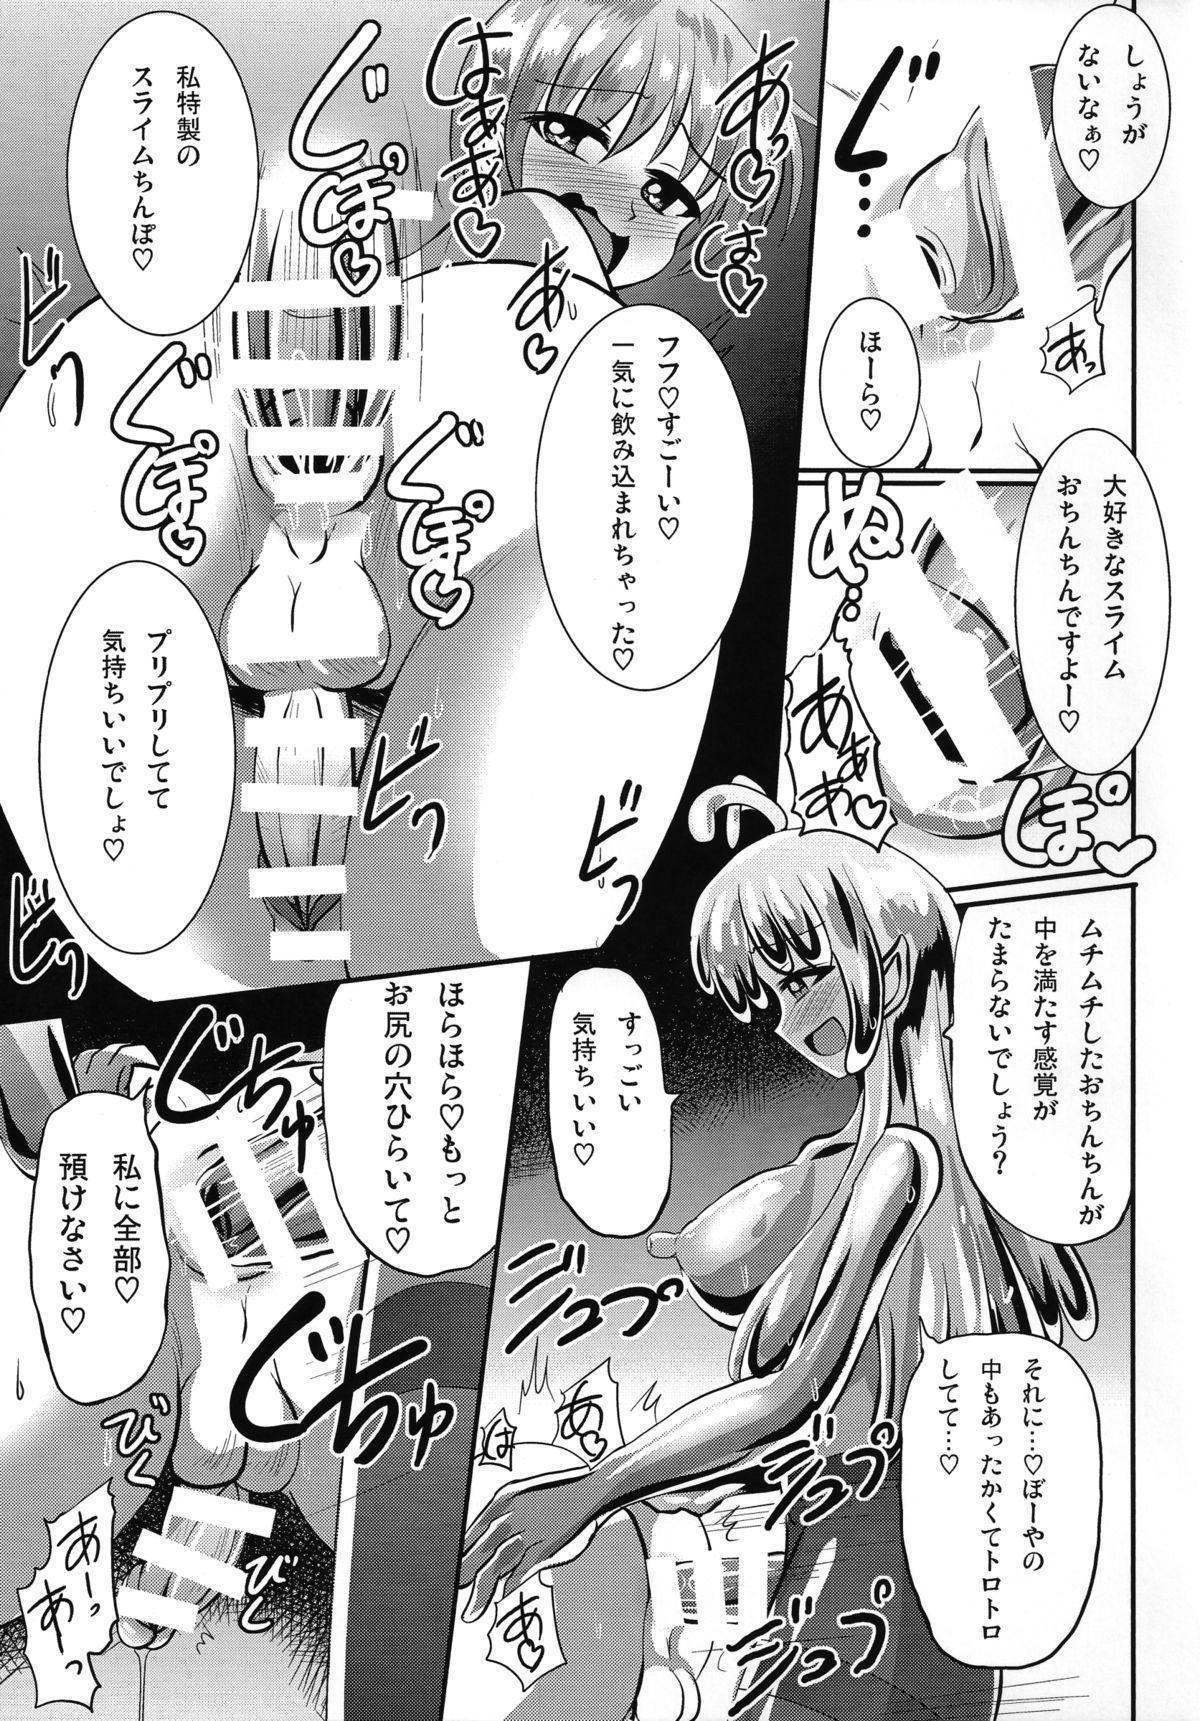 Futanari Kuro Tights no Slime Nee-san ni Shaburarete Fumarete Horarete Kimochi Yoku Nacchau Shotakko no Hon 12